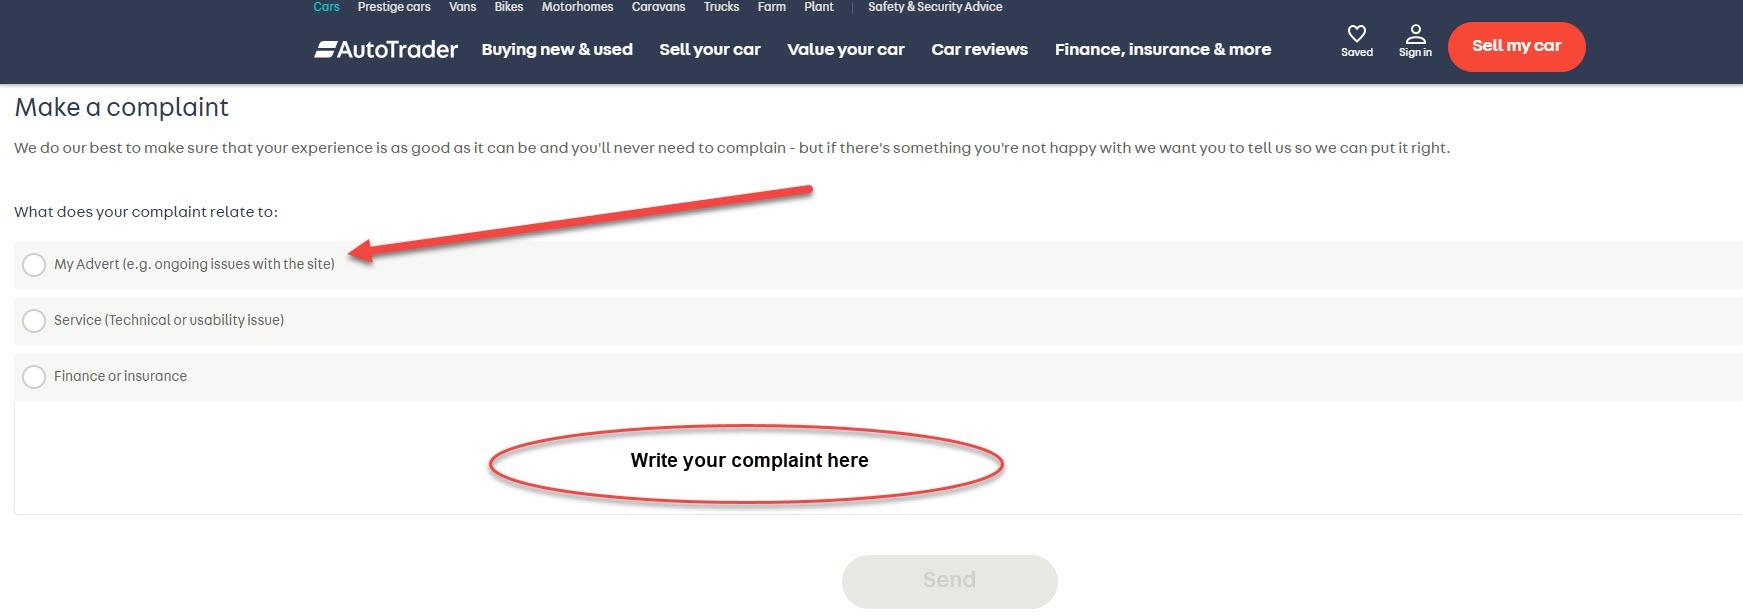 Autotrader complaints